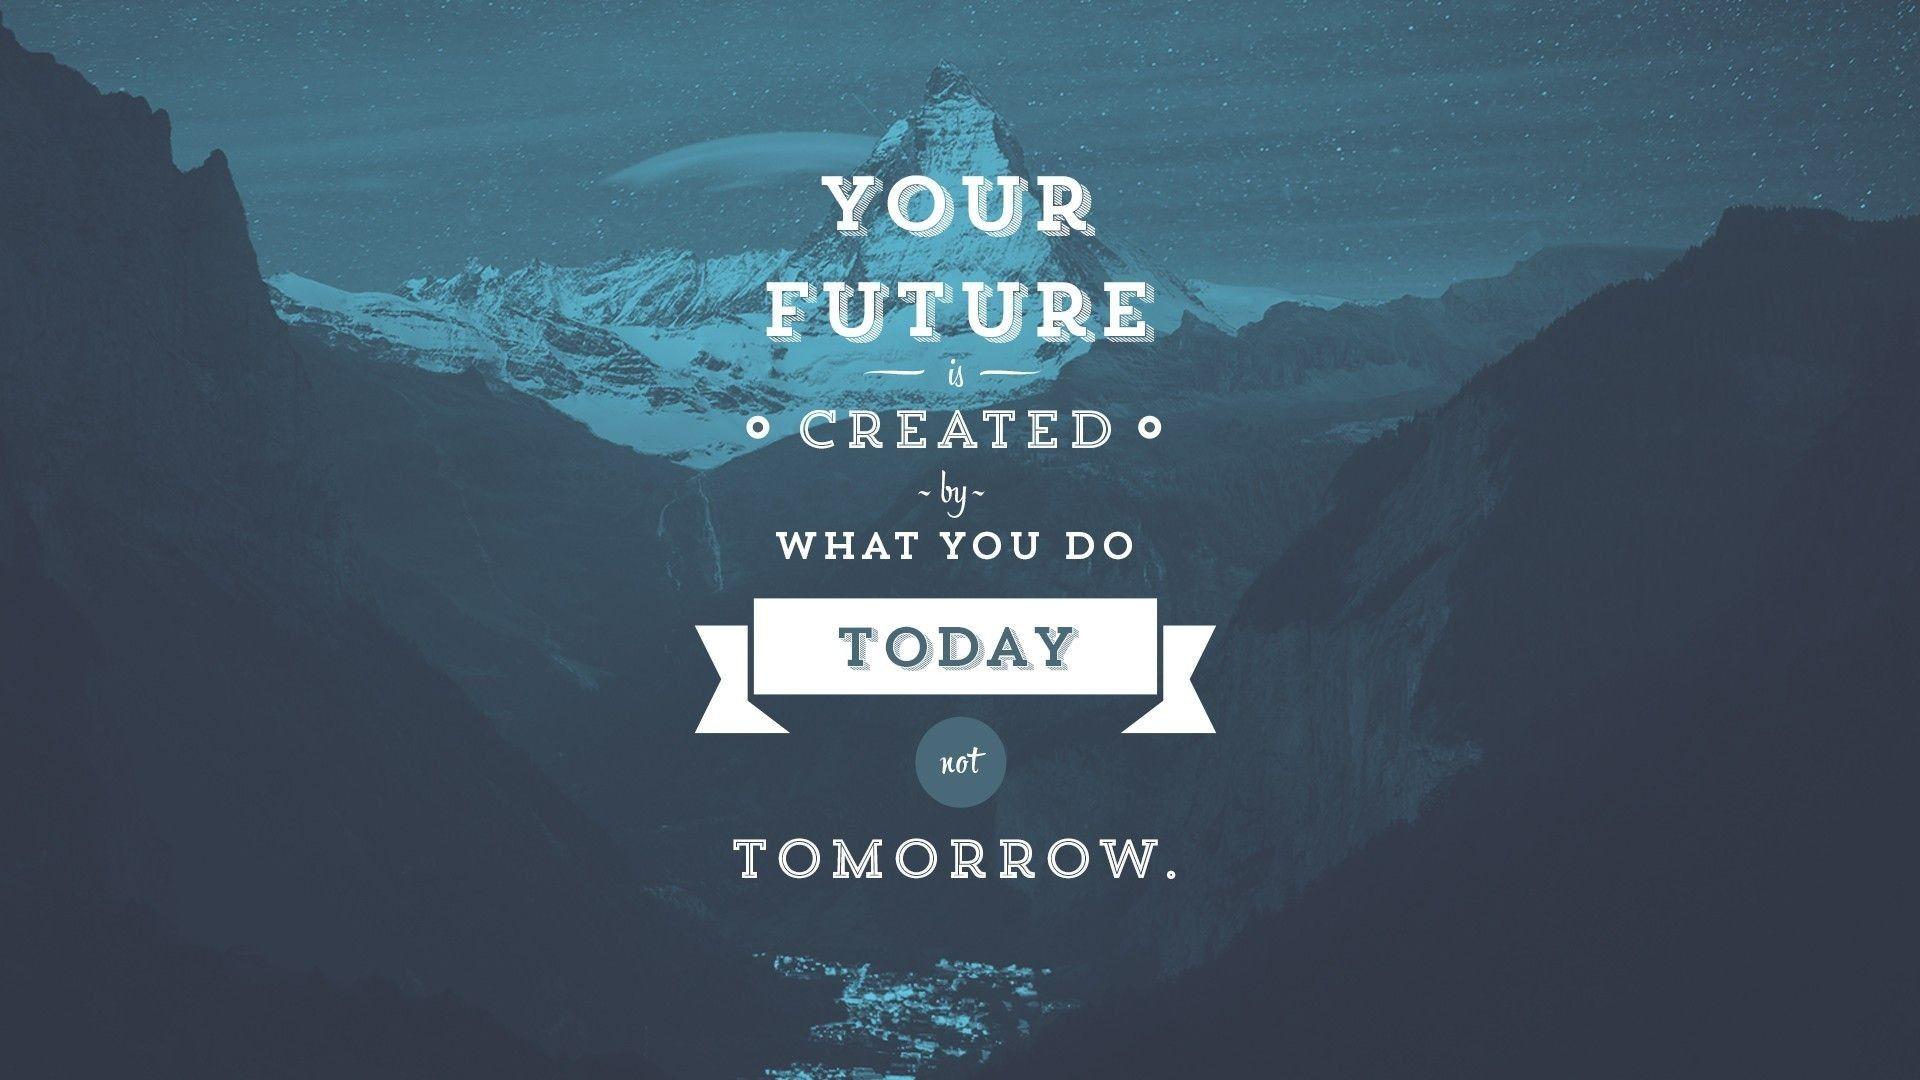 Best Of Perseverance Desktop Wallpaper Inspirational Quotes Wallpapers Motivational Quotes Wallpaper Desktop Wallpaper Quotes